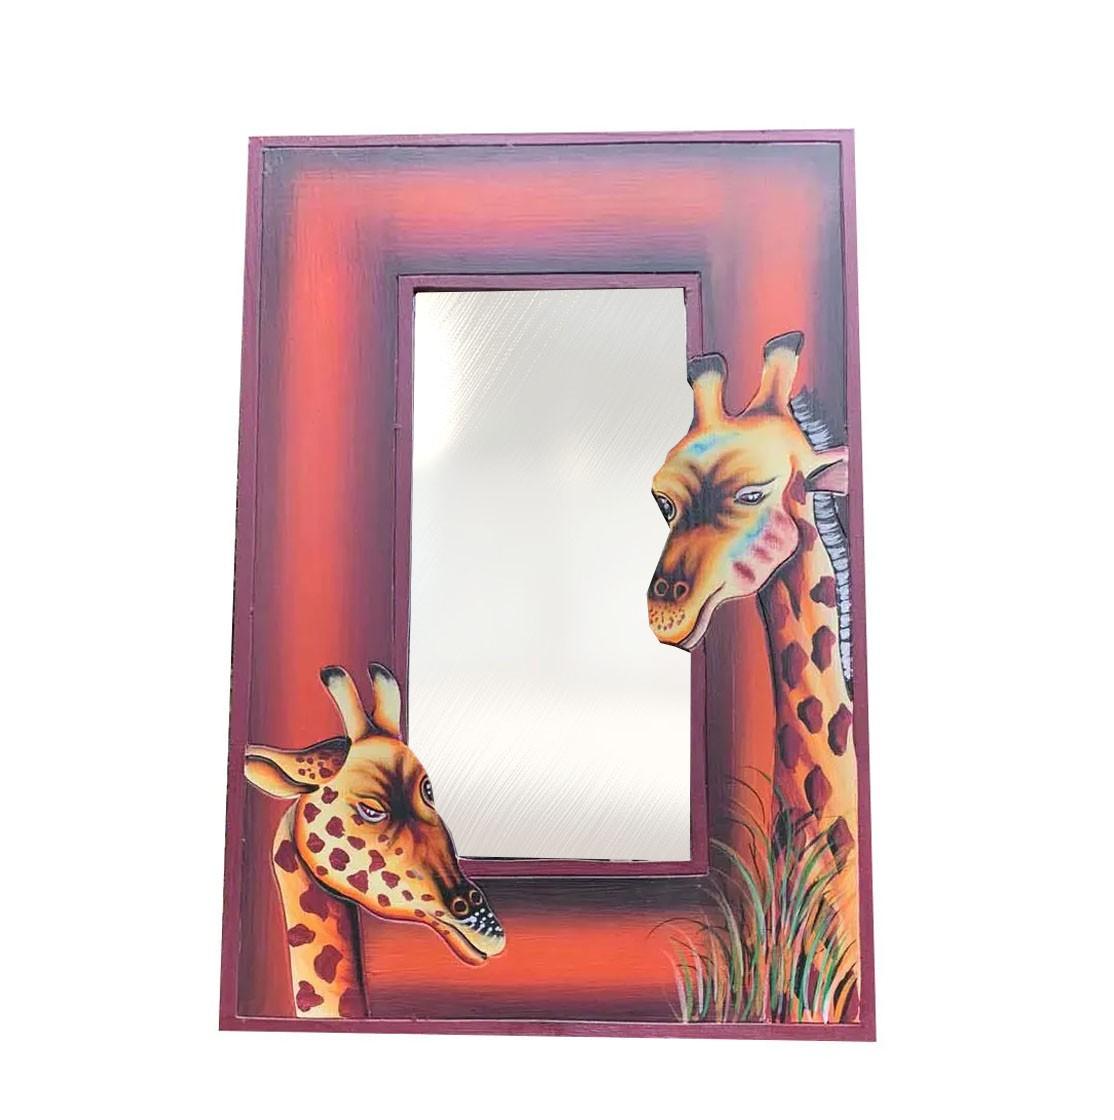 Espelho de Girafa em MDF com pintura de Girafas (60x40cm)